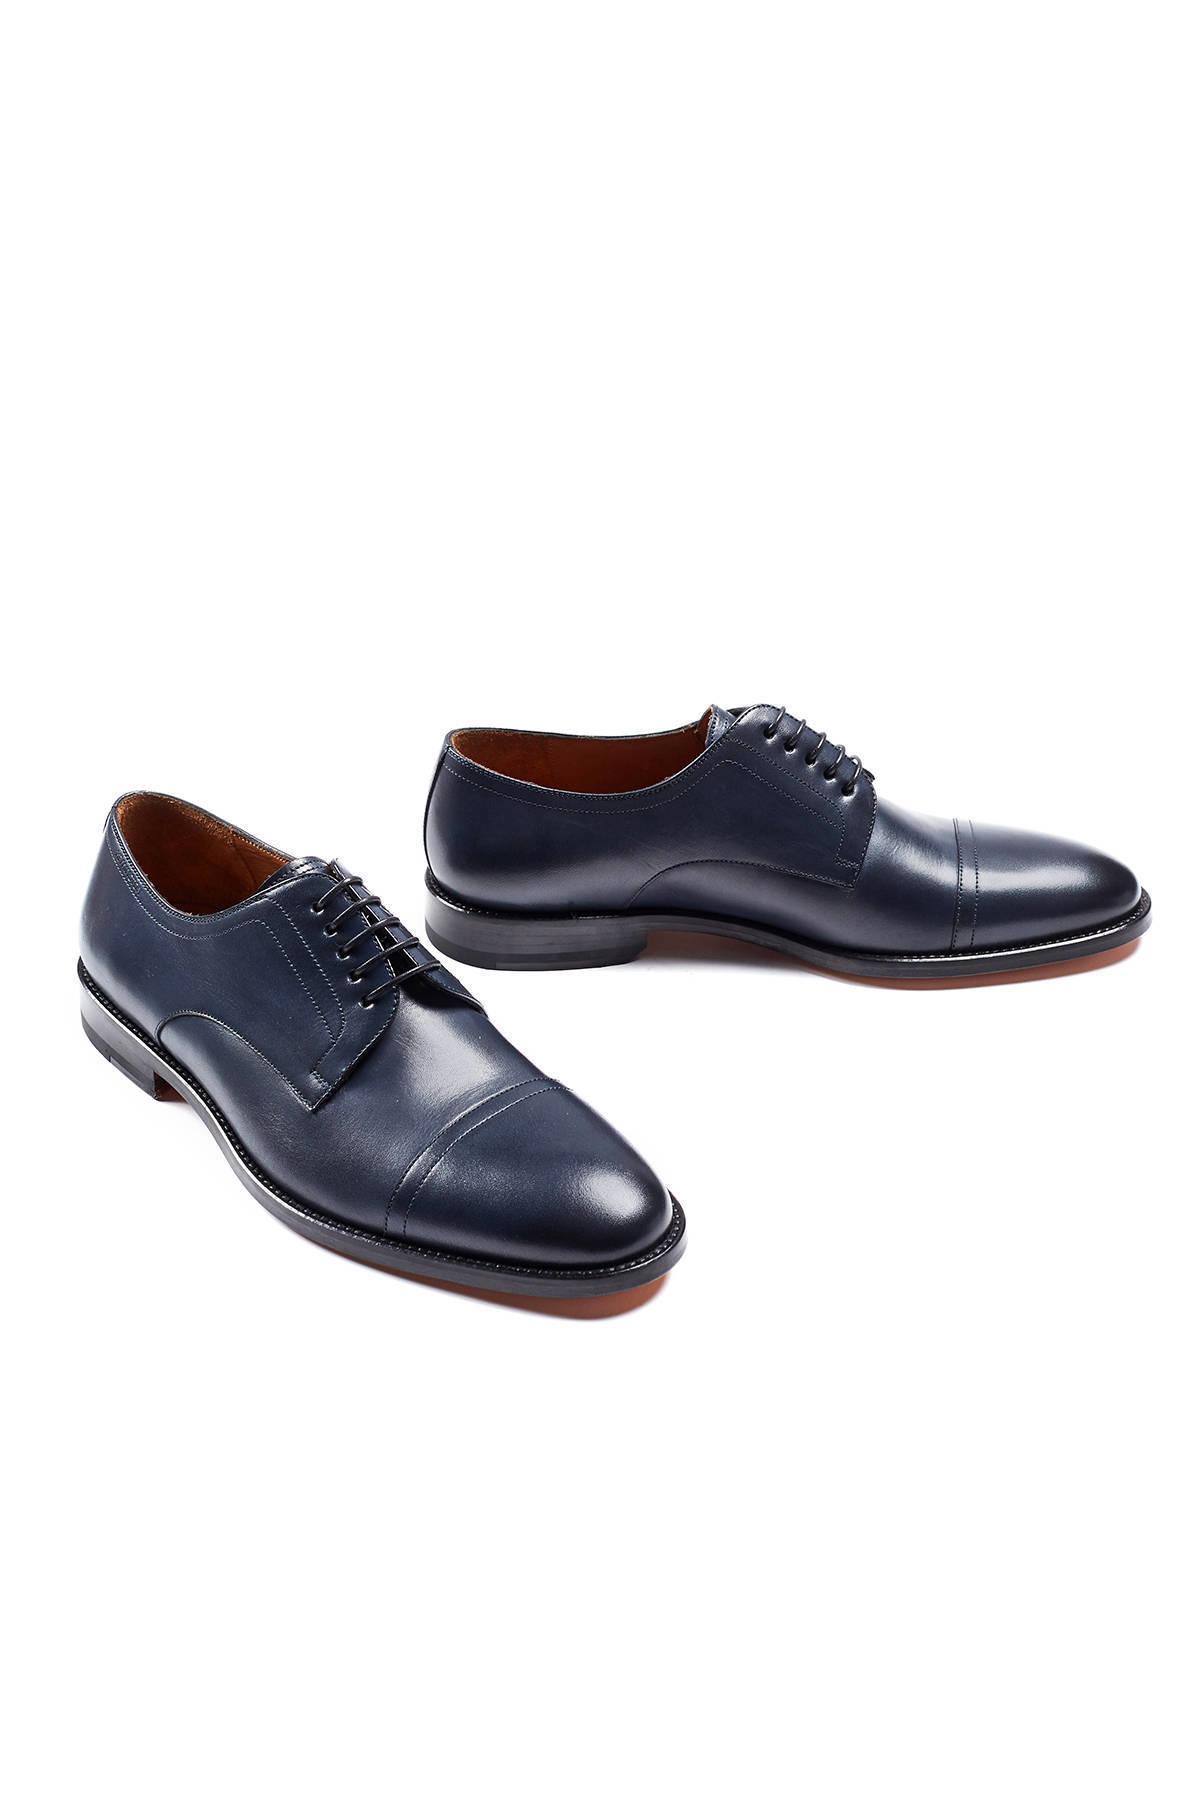 El Yapımı Lacivert Deri Ayakkabı